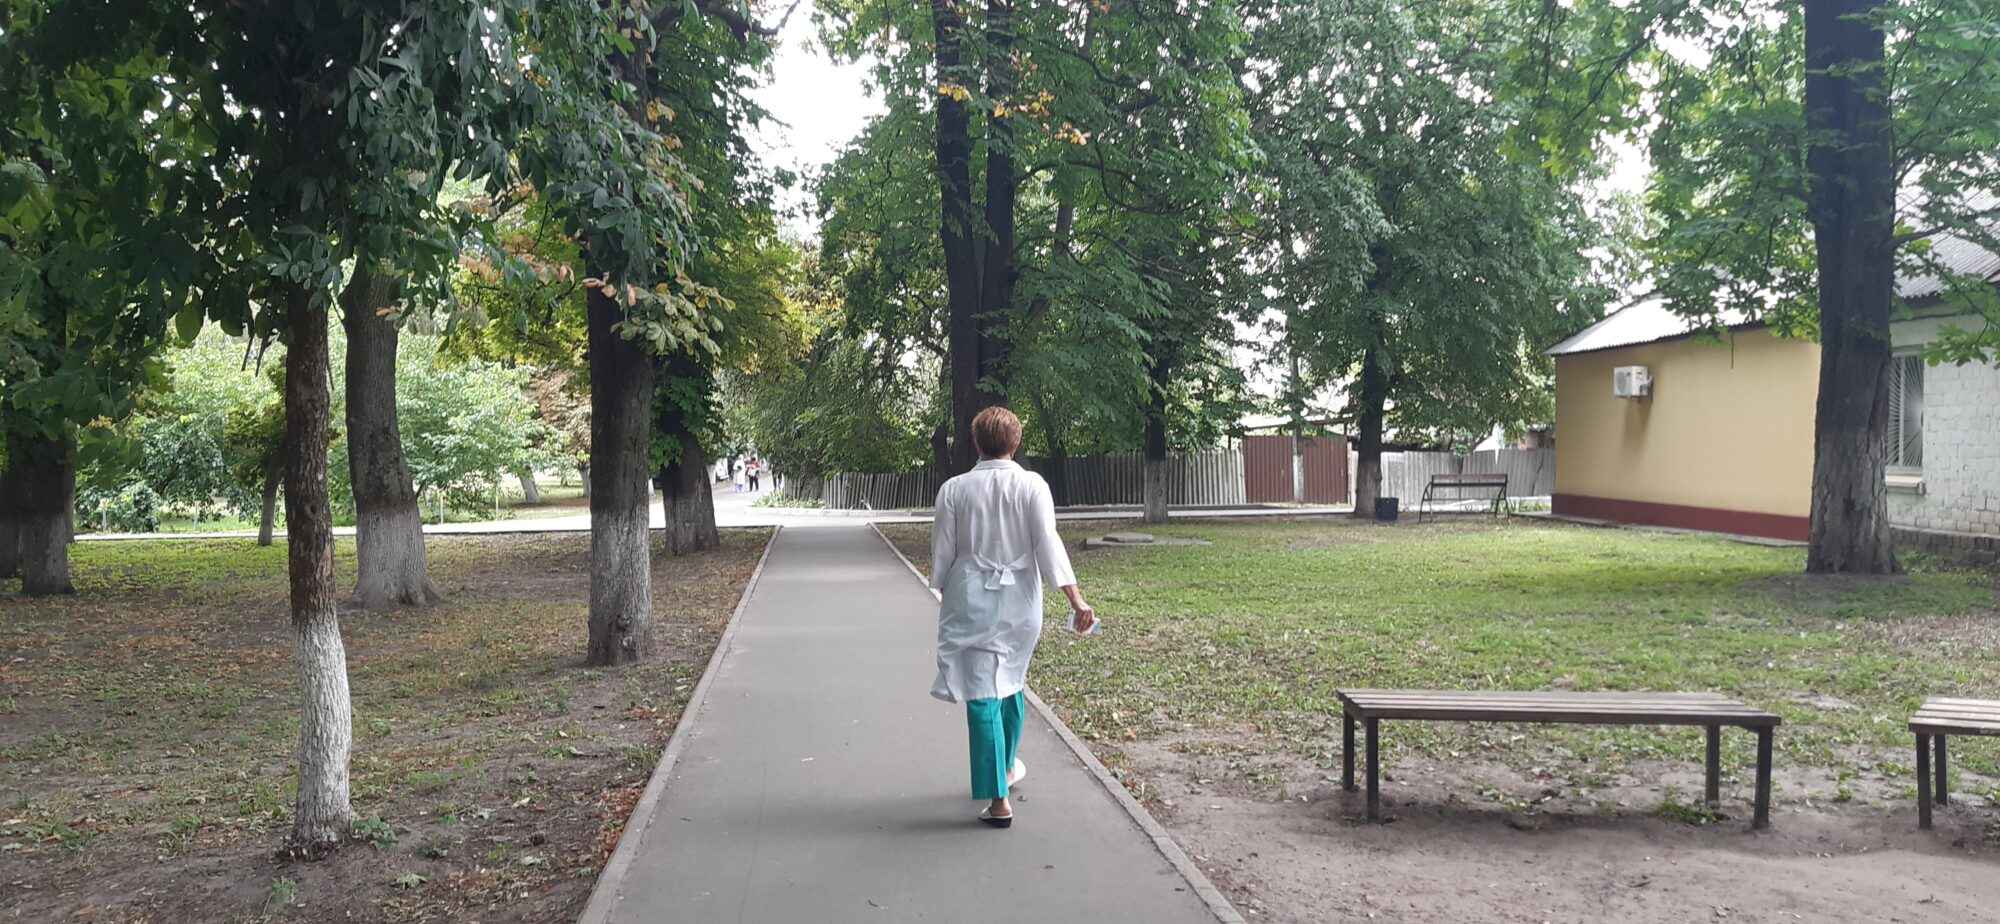 Бориспільщина: 15 людей захворіли на коронавірус - коронавірус, Бориспіль - 20200813 122322 2000x924